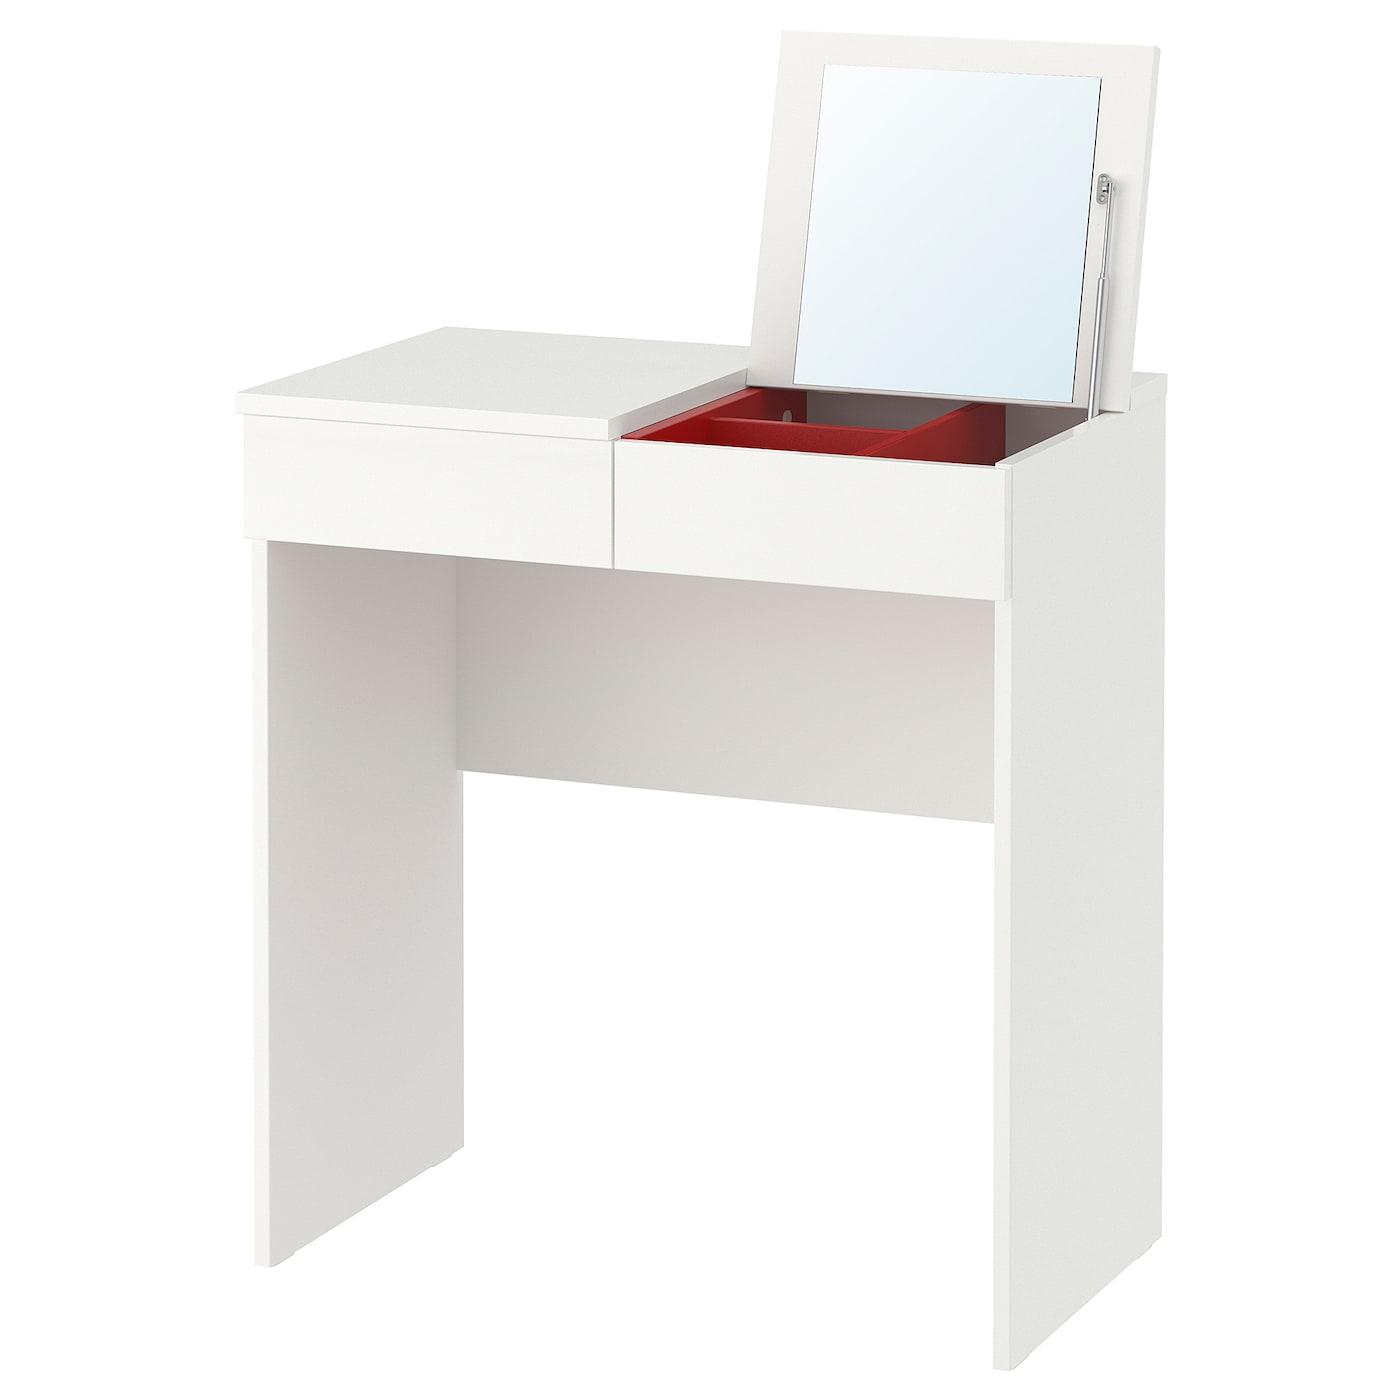 Schminktafel Te Koop.Toilettafel Slaapkamer Ikea